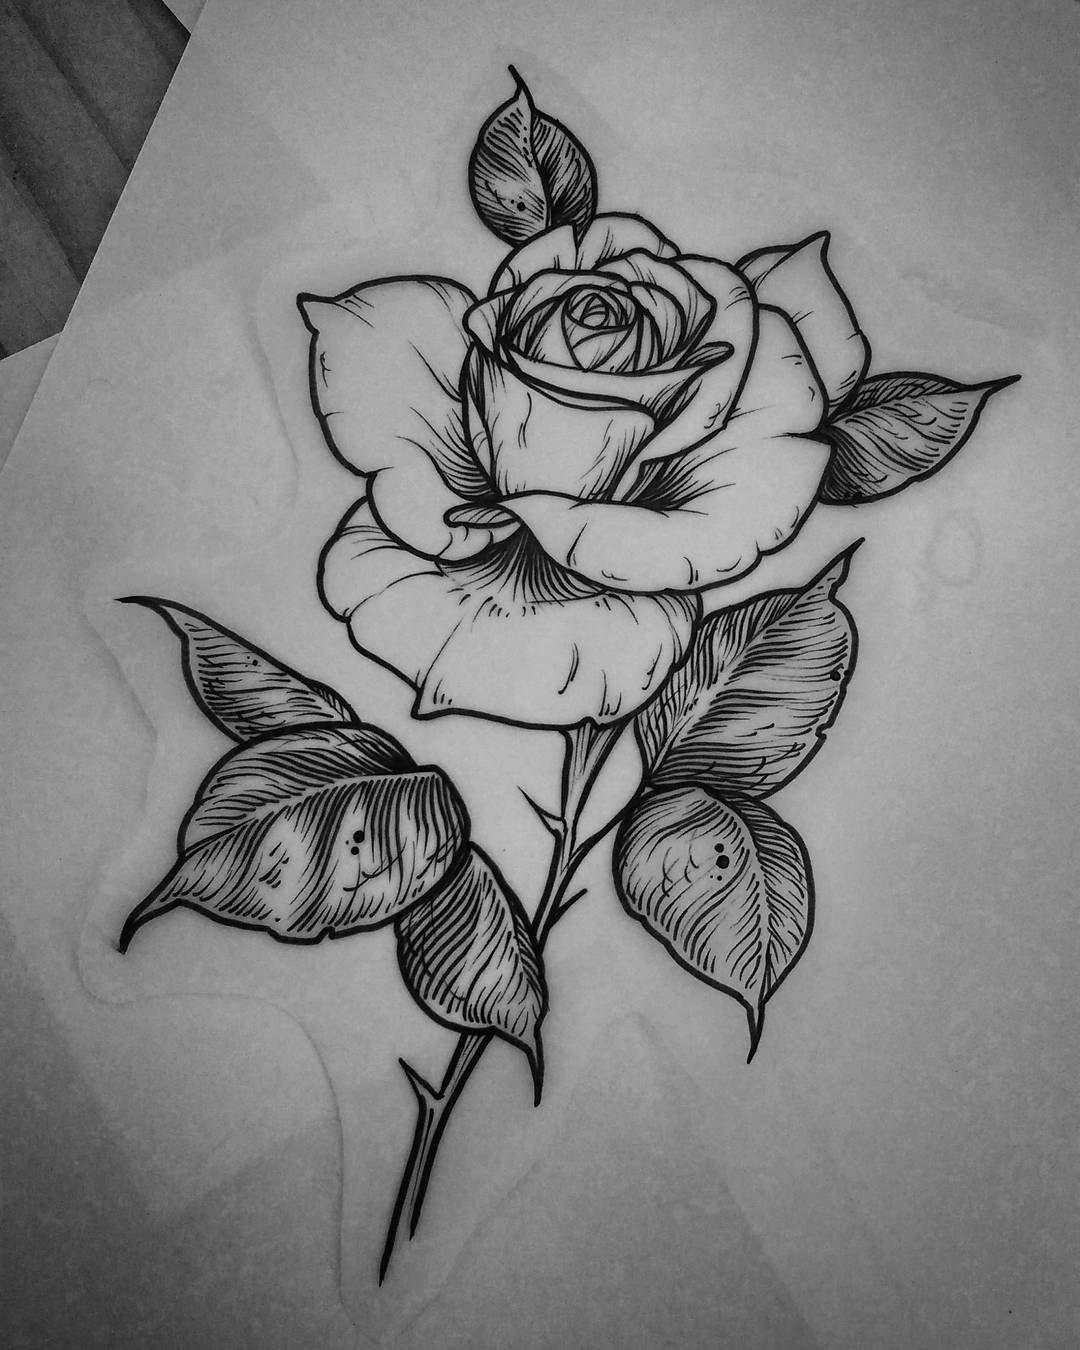 Tattoo Idea Tattoos Tattoo Design Drawings Rose Tattoos